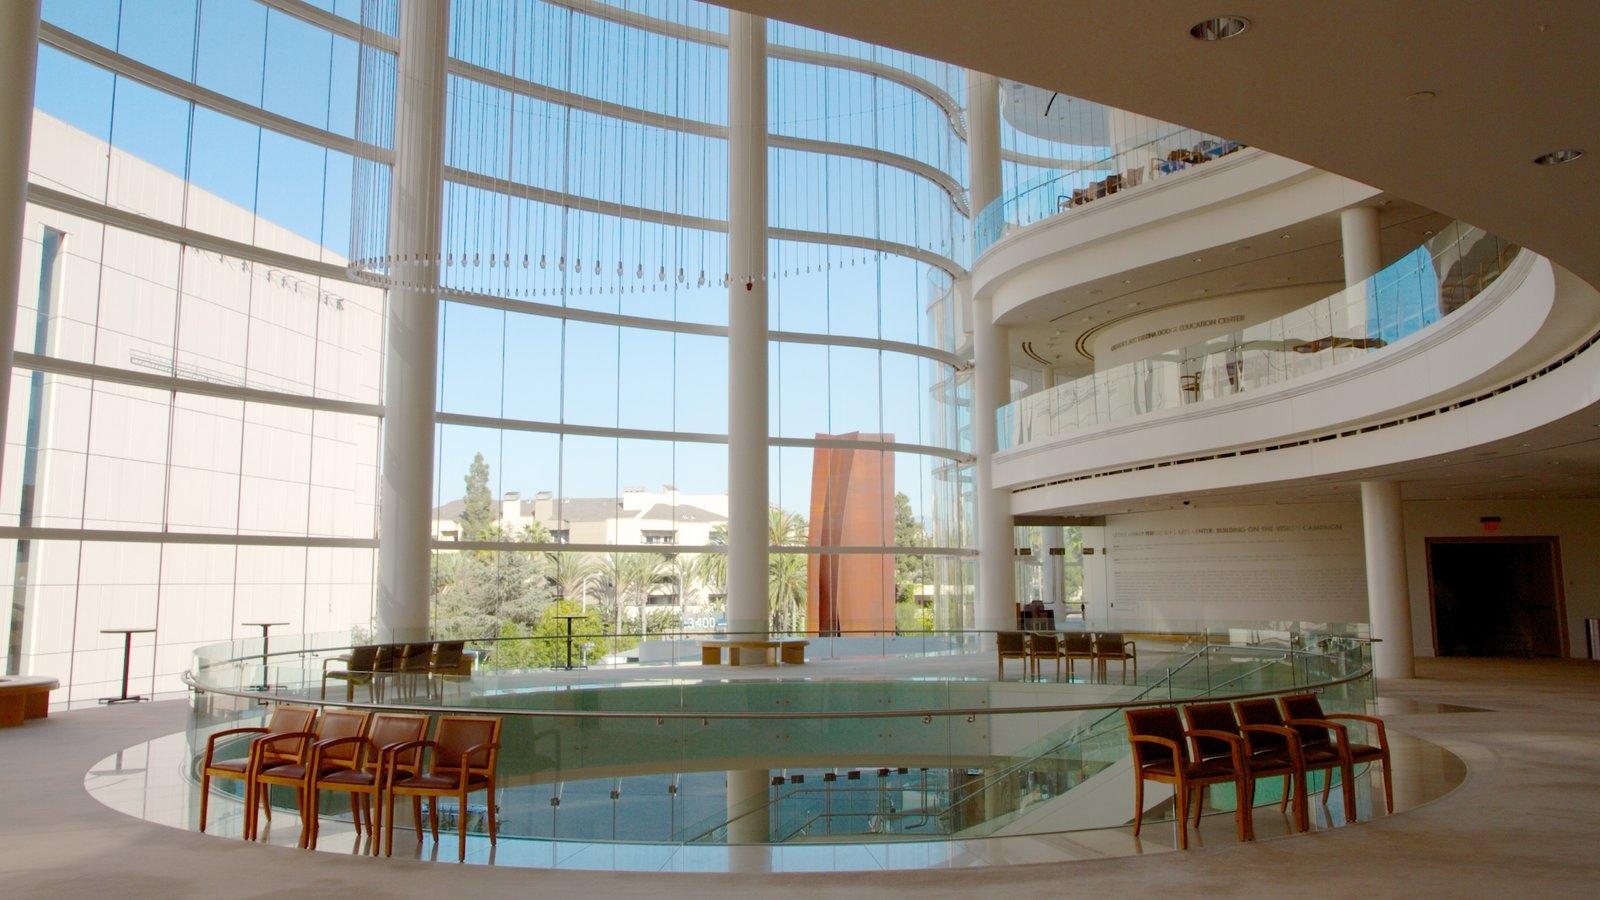 Segerstrom Center for the Arts que incluye vistas interiores y arte